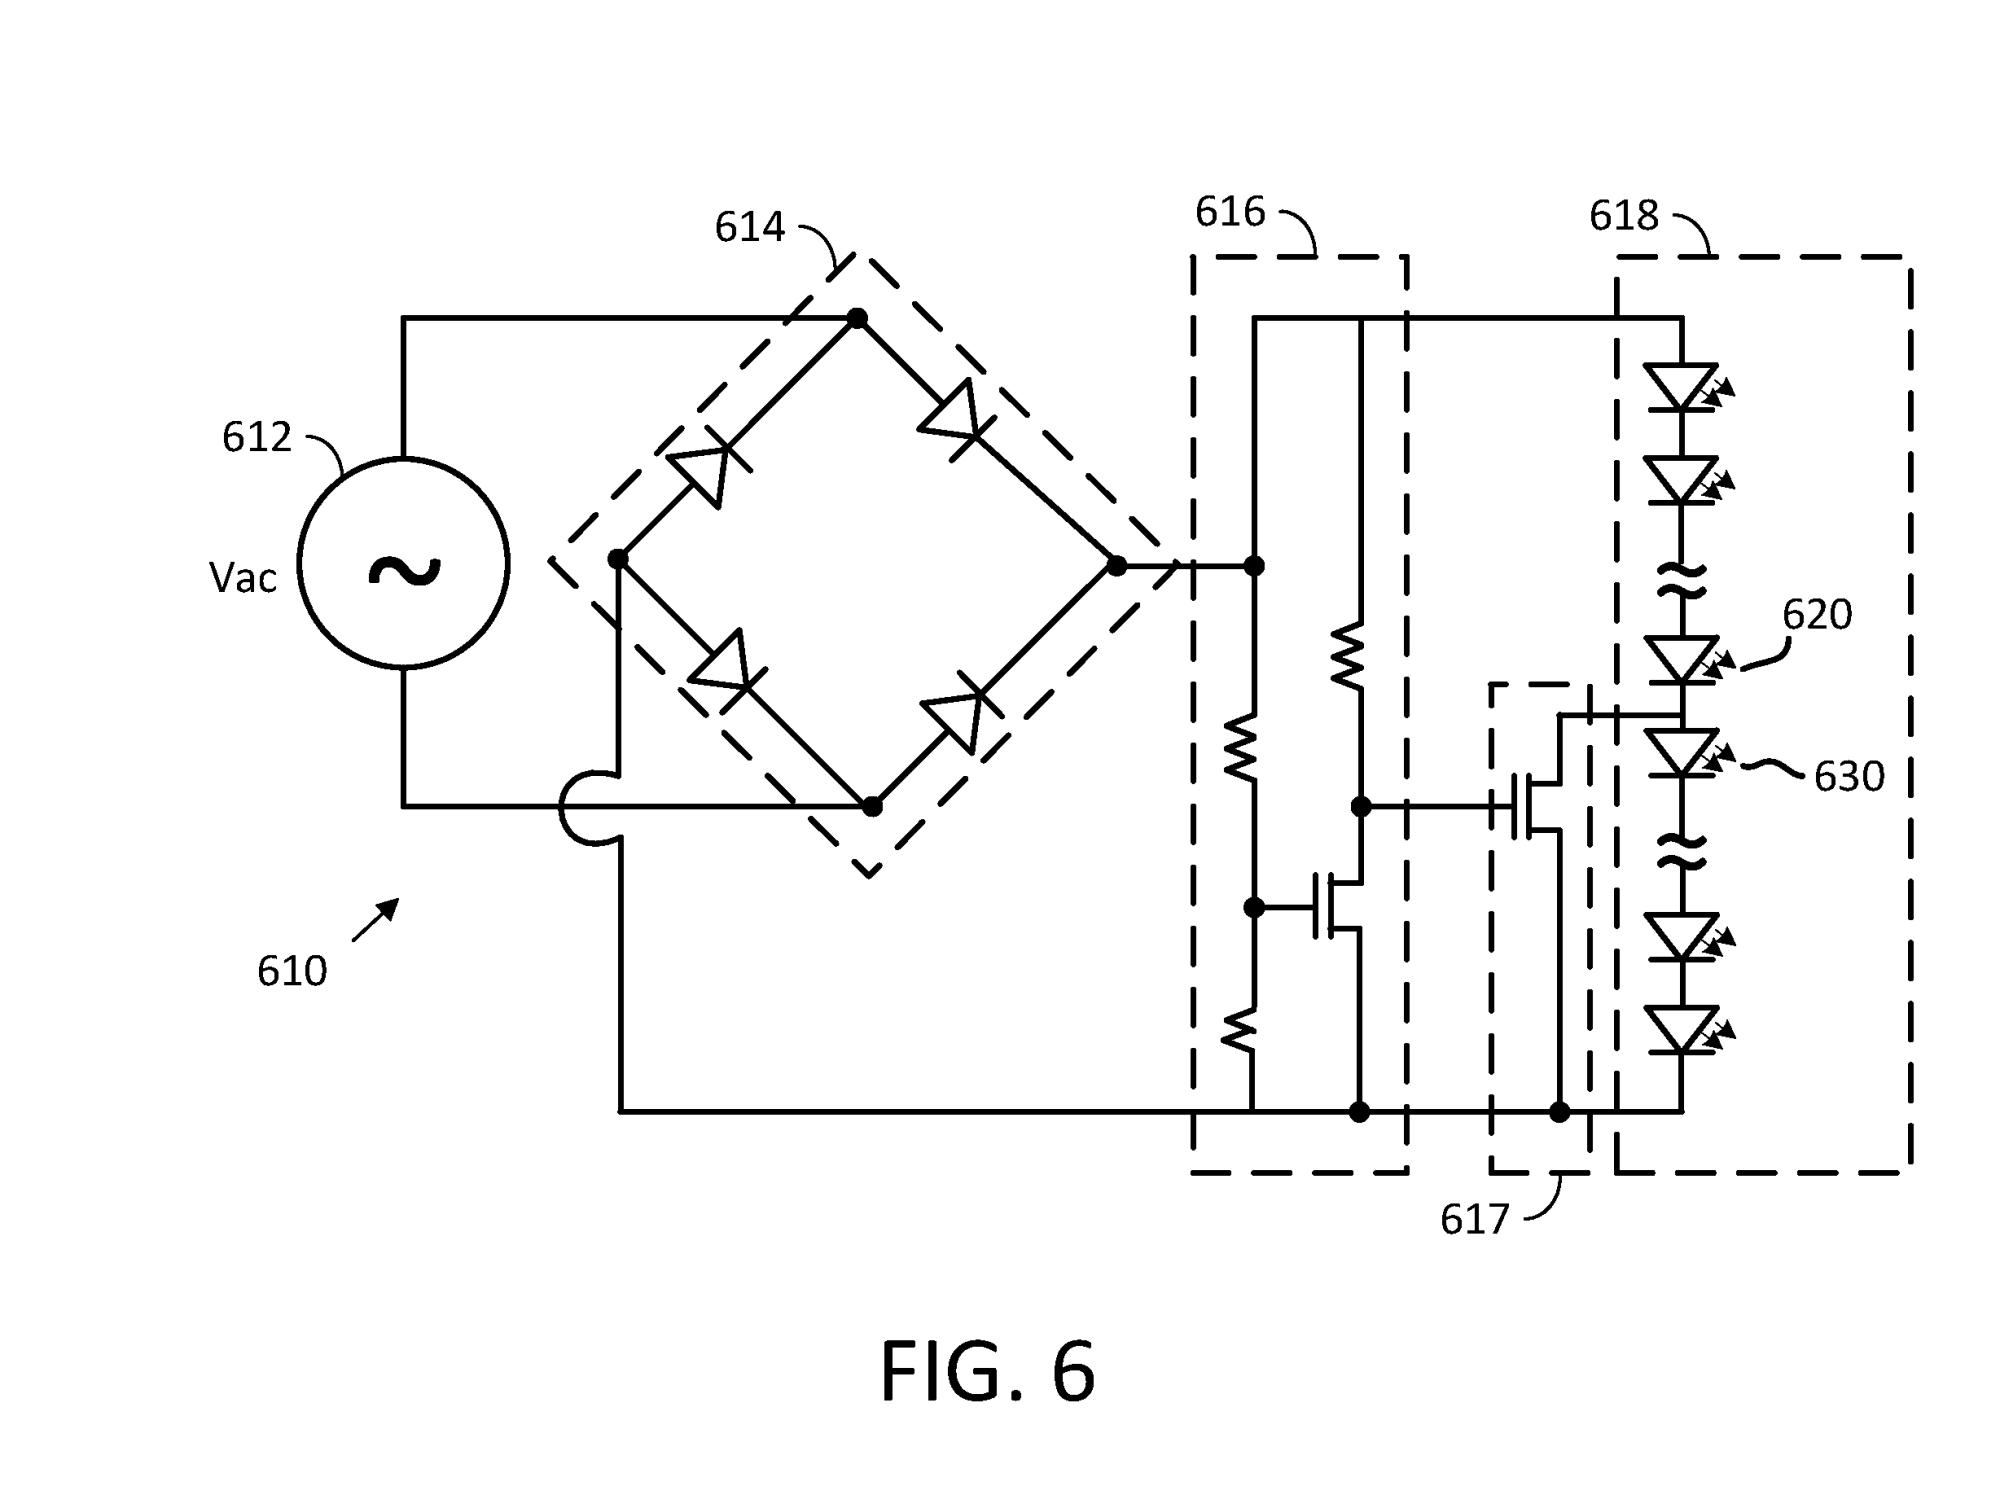 hight resolution of patent us20140184080 light emitting diode light structures genie garage door opener diagram for diagram door wiring opener pv 612